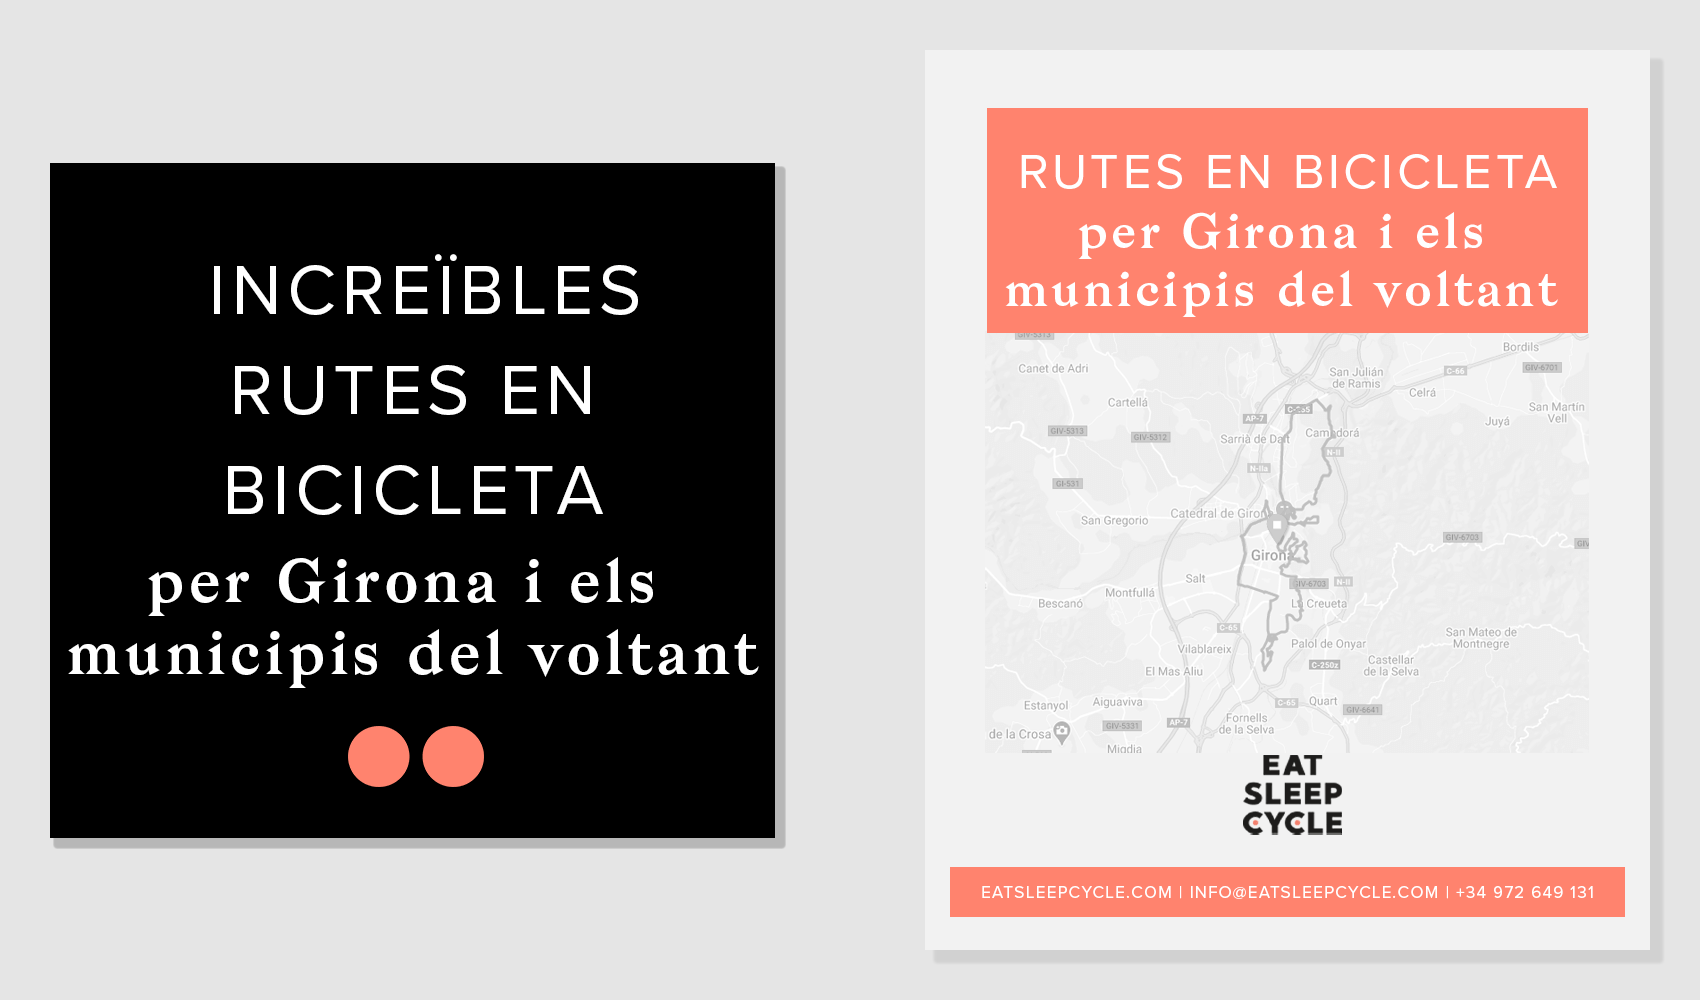 Increïbles-Rutes-en-Bicicleta-per-Girona-i-els-municipis-del-voltant